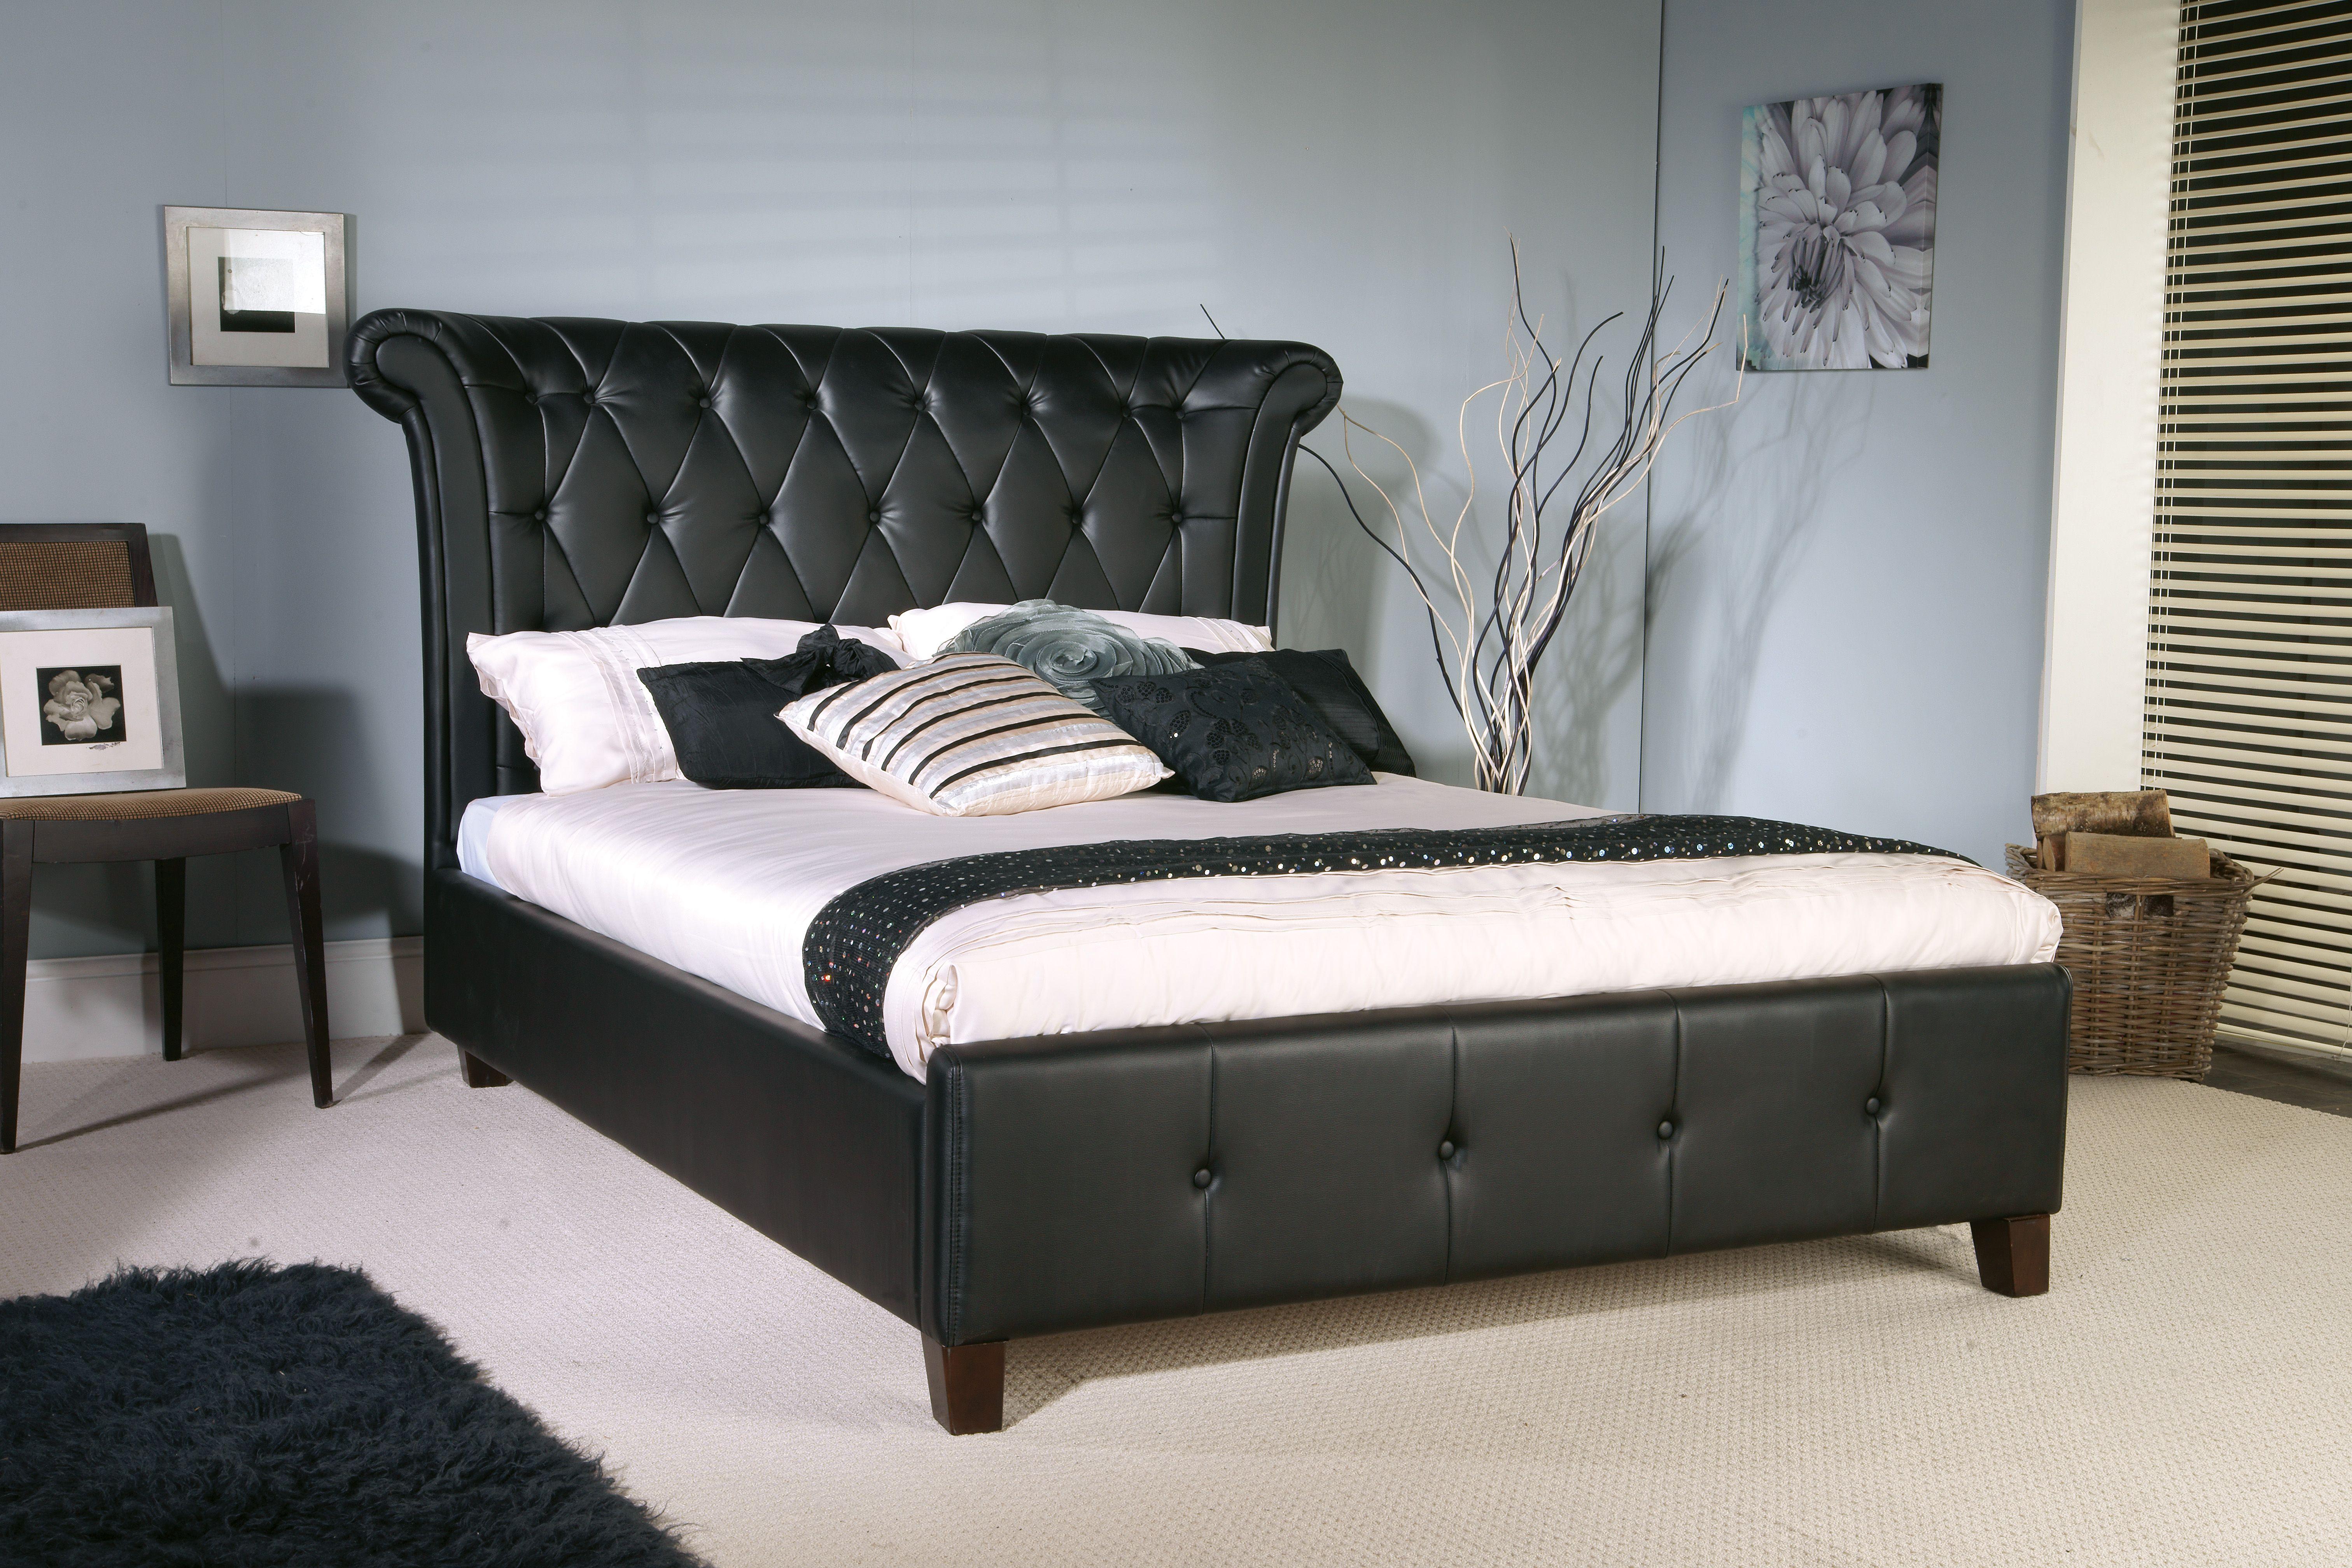 Epsilon Black Bedstead A Majestic Design Bedstead In A Black